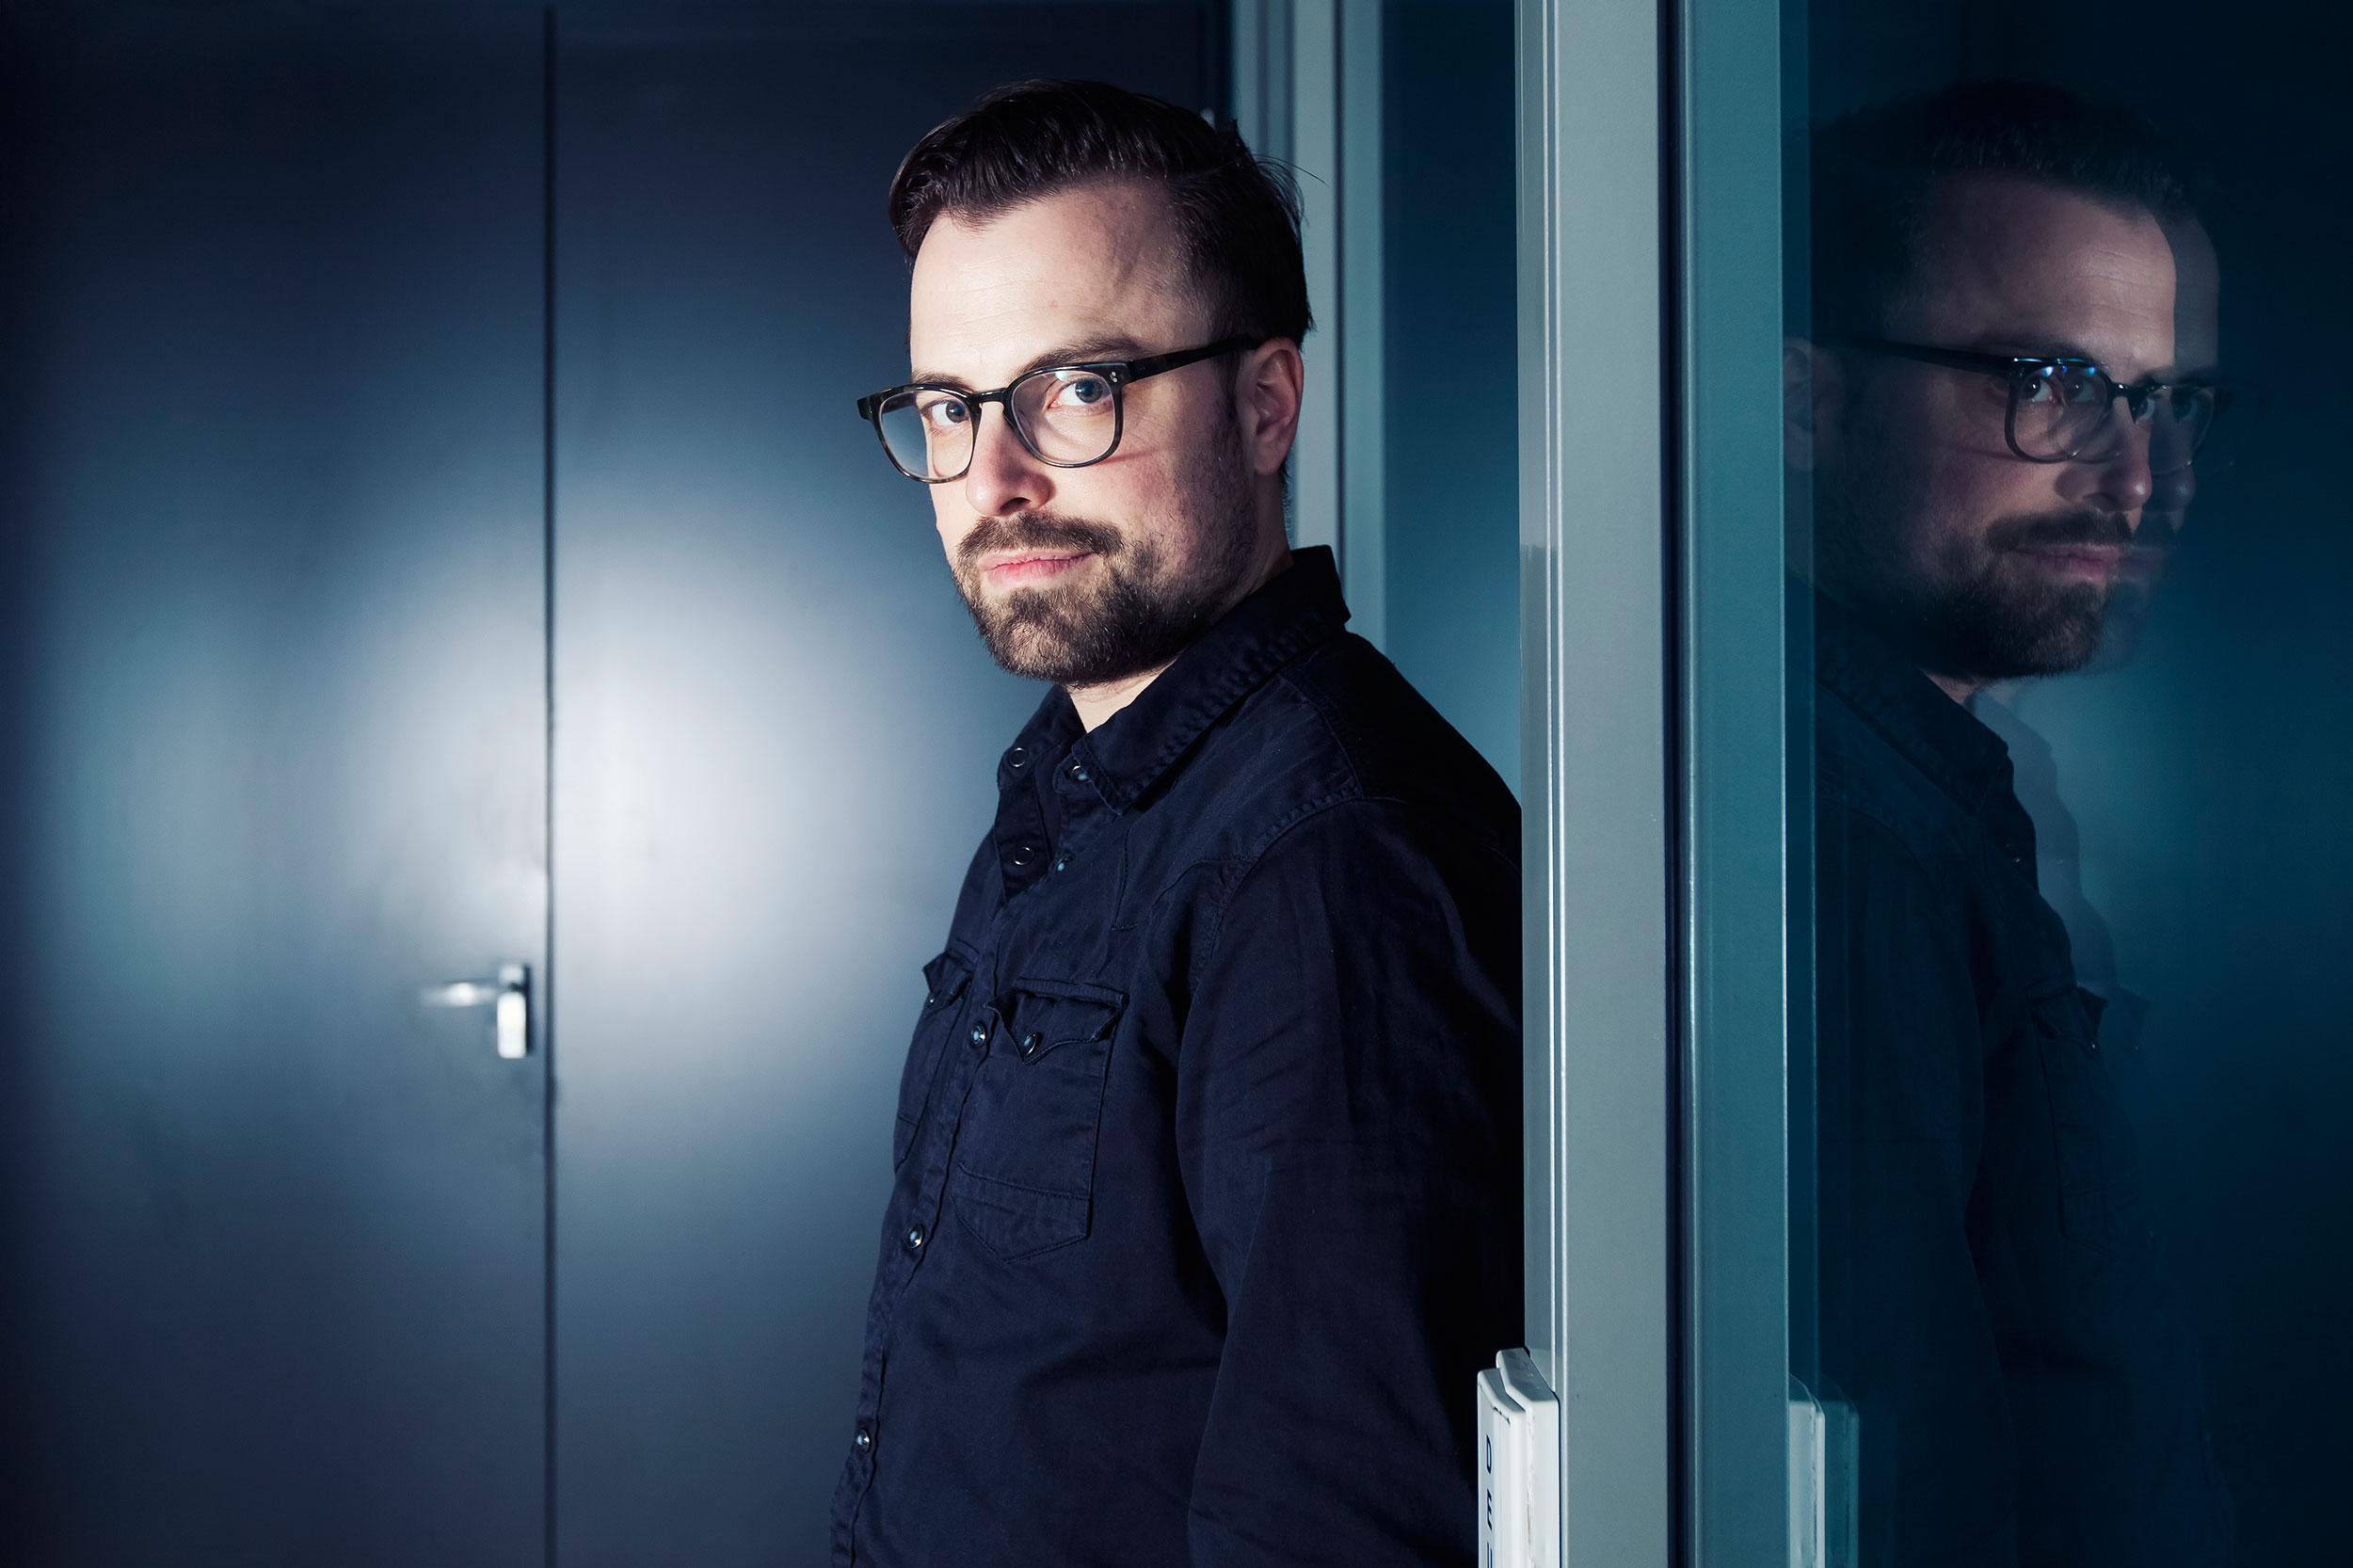 Portretfoto Gideon van gelder door fotograaf Juri Hiensch uit Utrecht